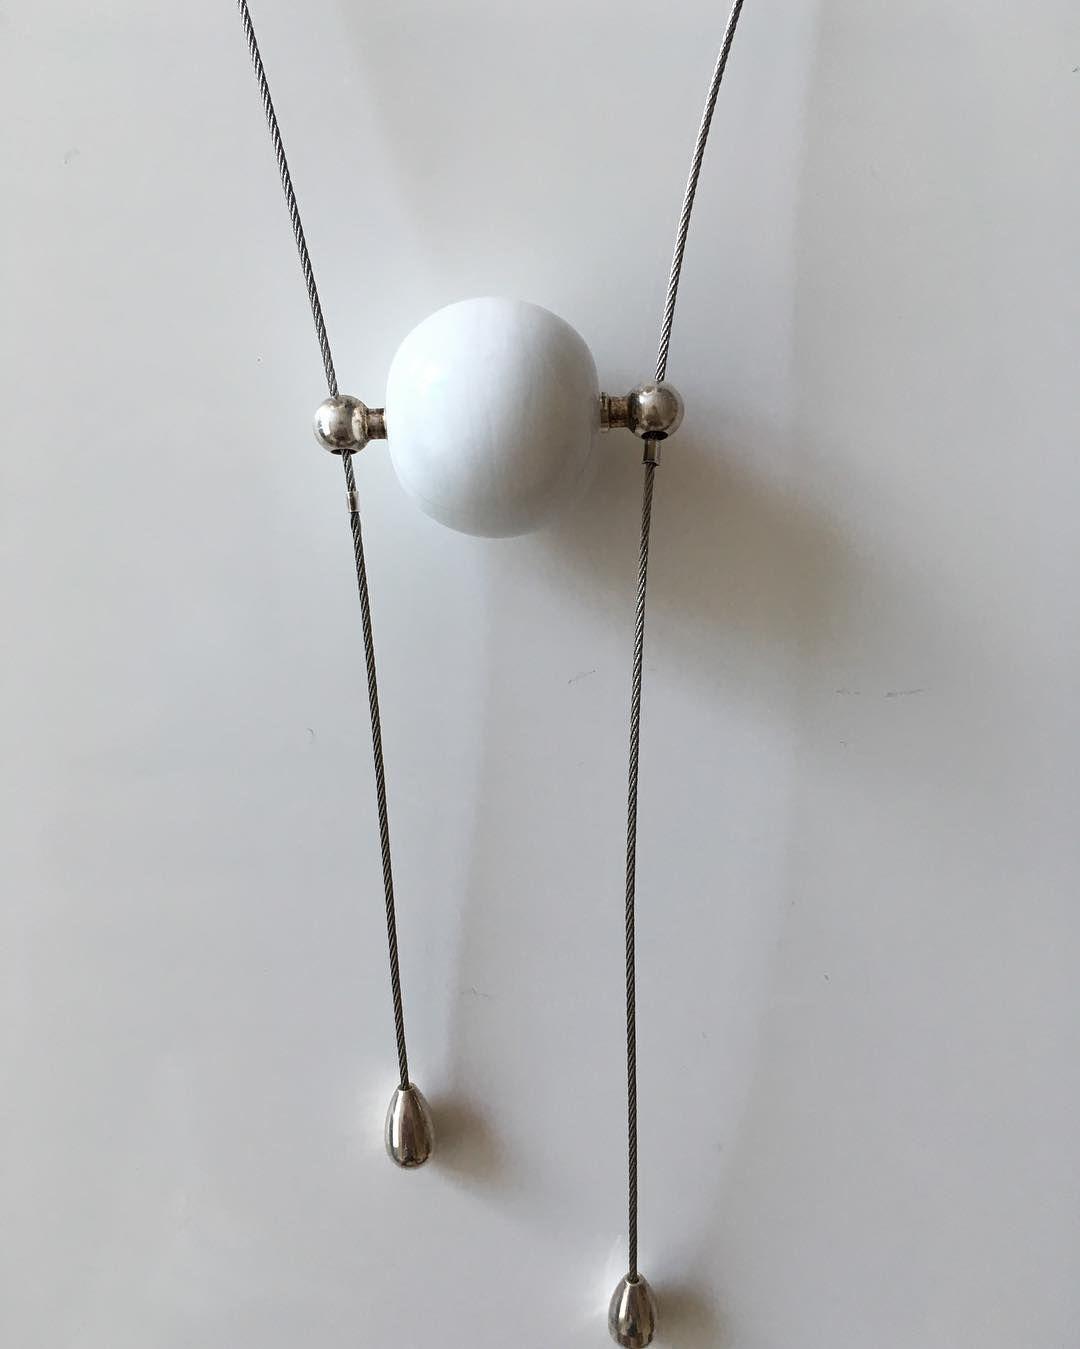 Soms moet je in eenvoud denken. #wit #handmade #beads #glass #jewelry #pk-kreatief